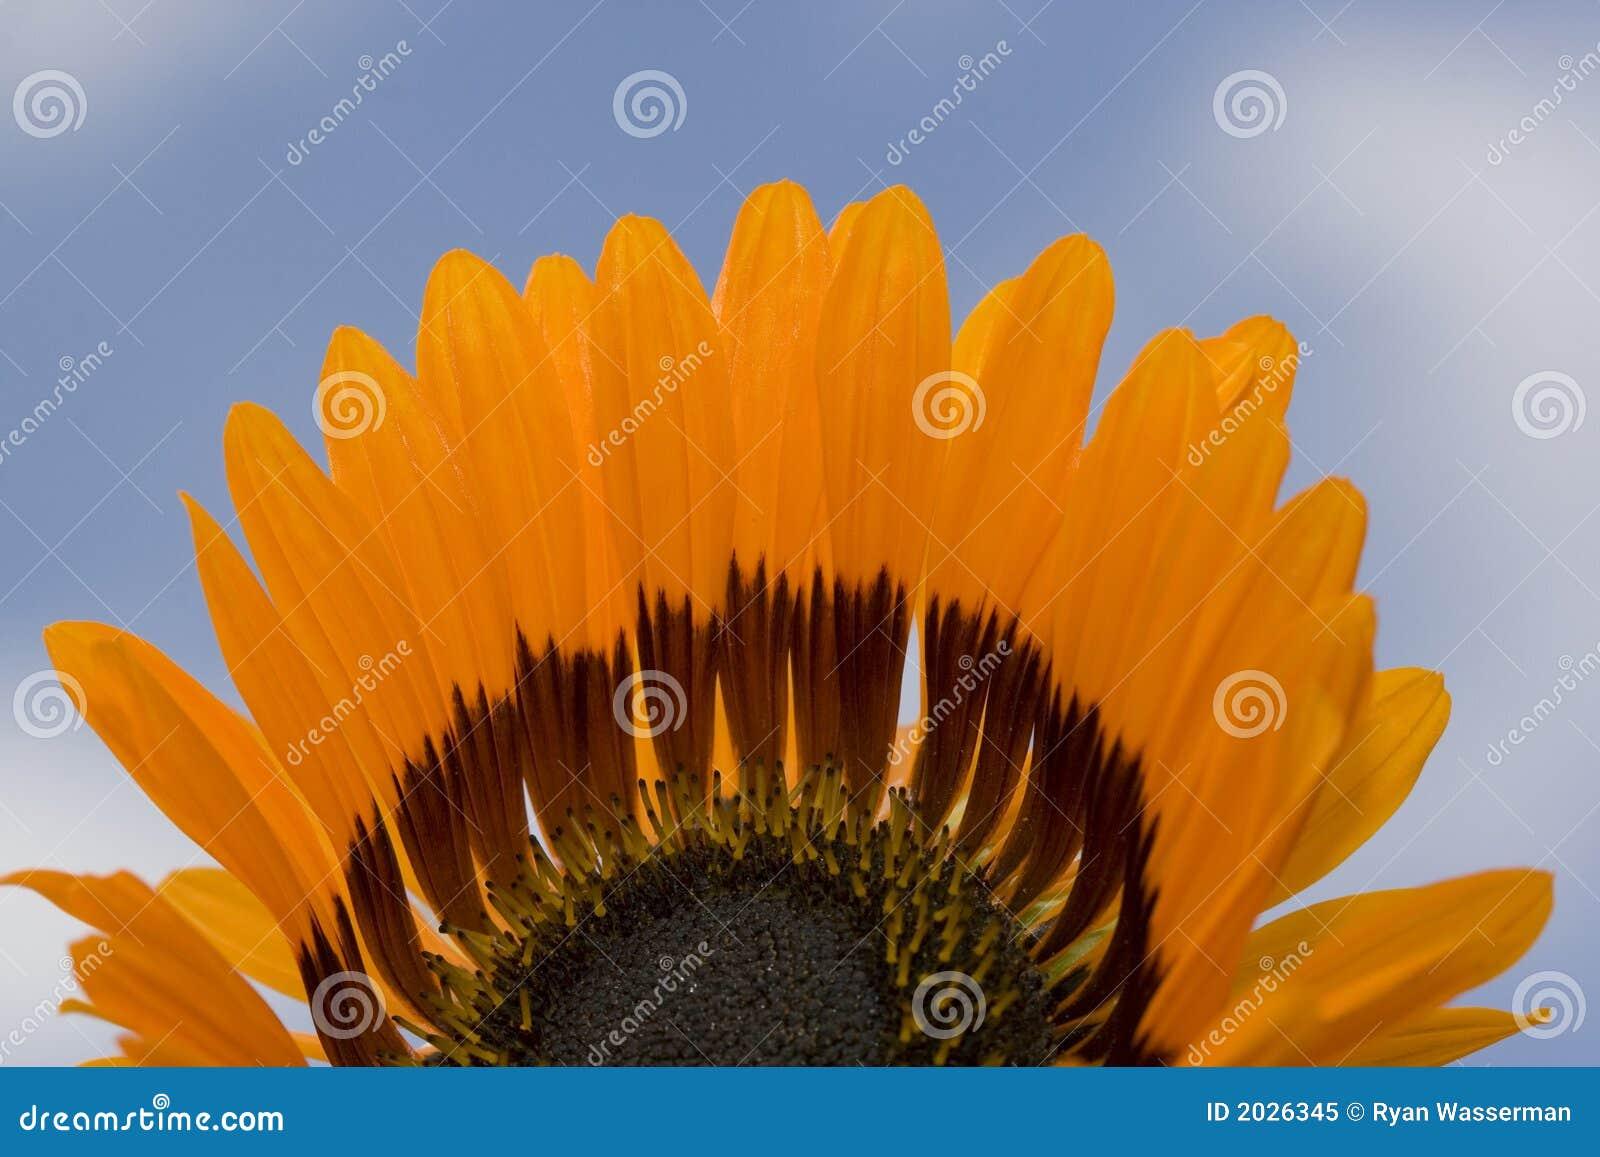 Mitad de una flor que muestra con el fondo del cielo azul